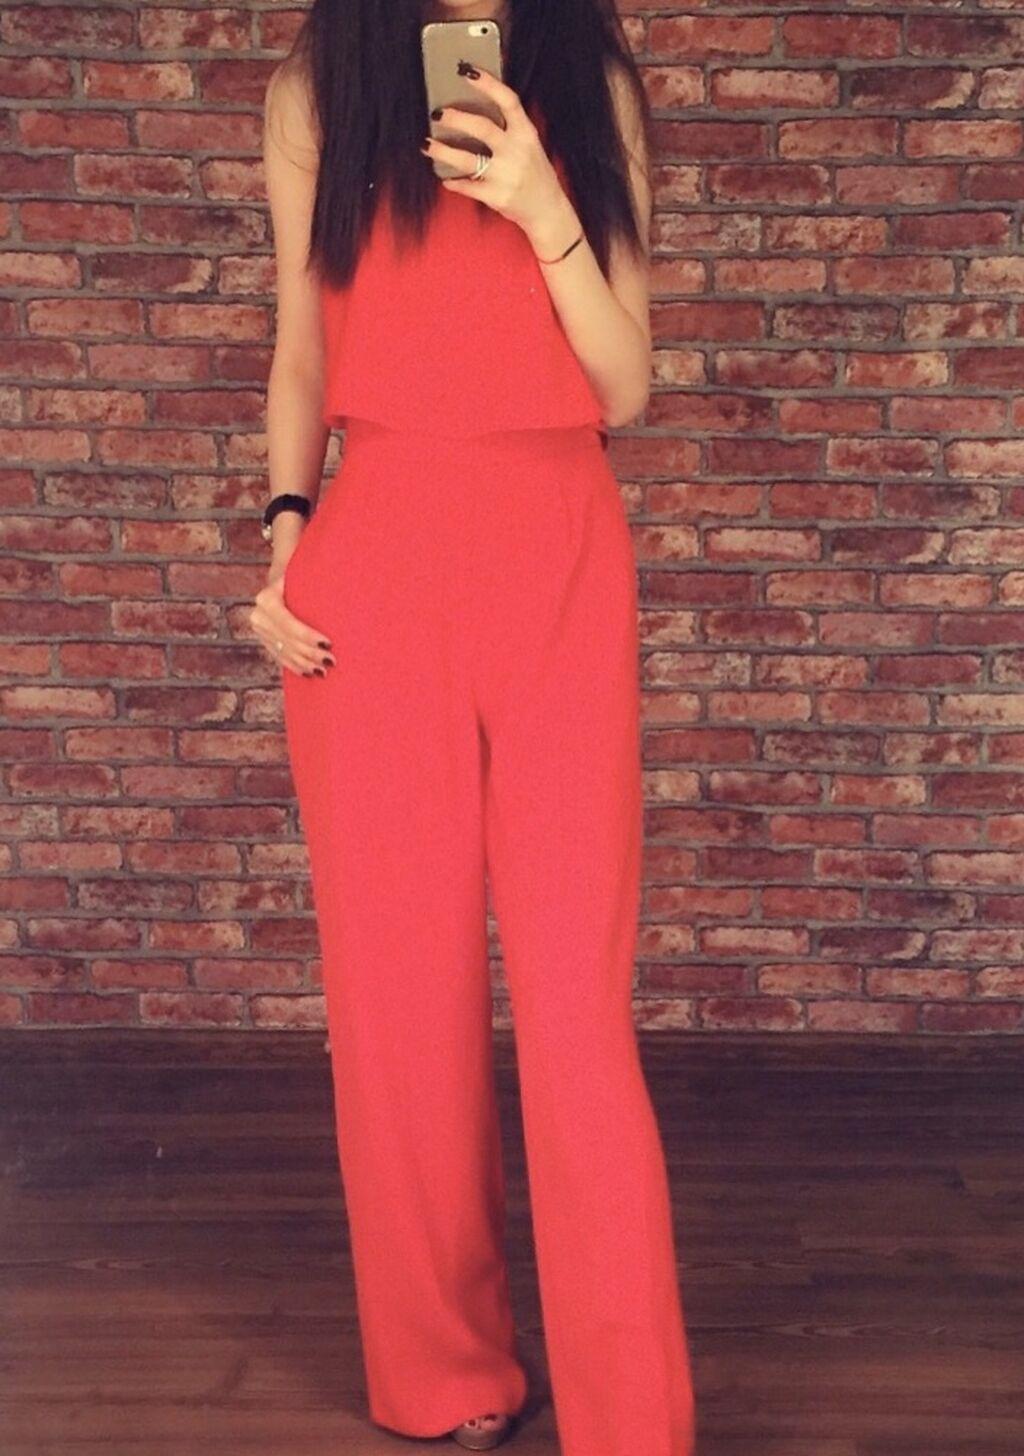 Красный комбинезон от Zara. Идеальная посадка. Насчёт доп фото пишите